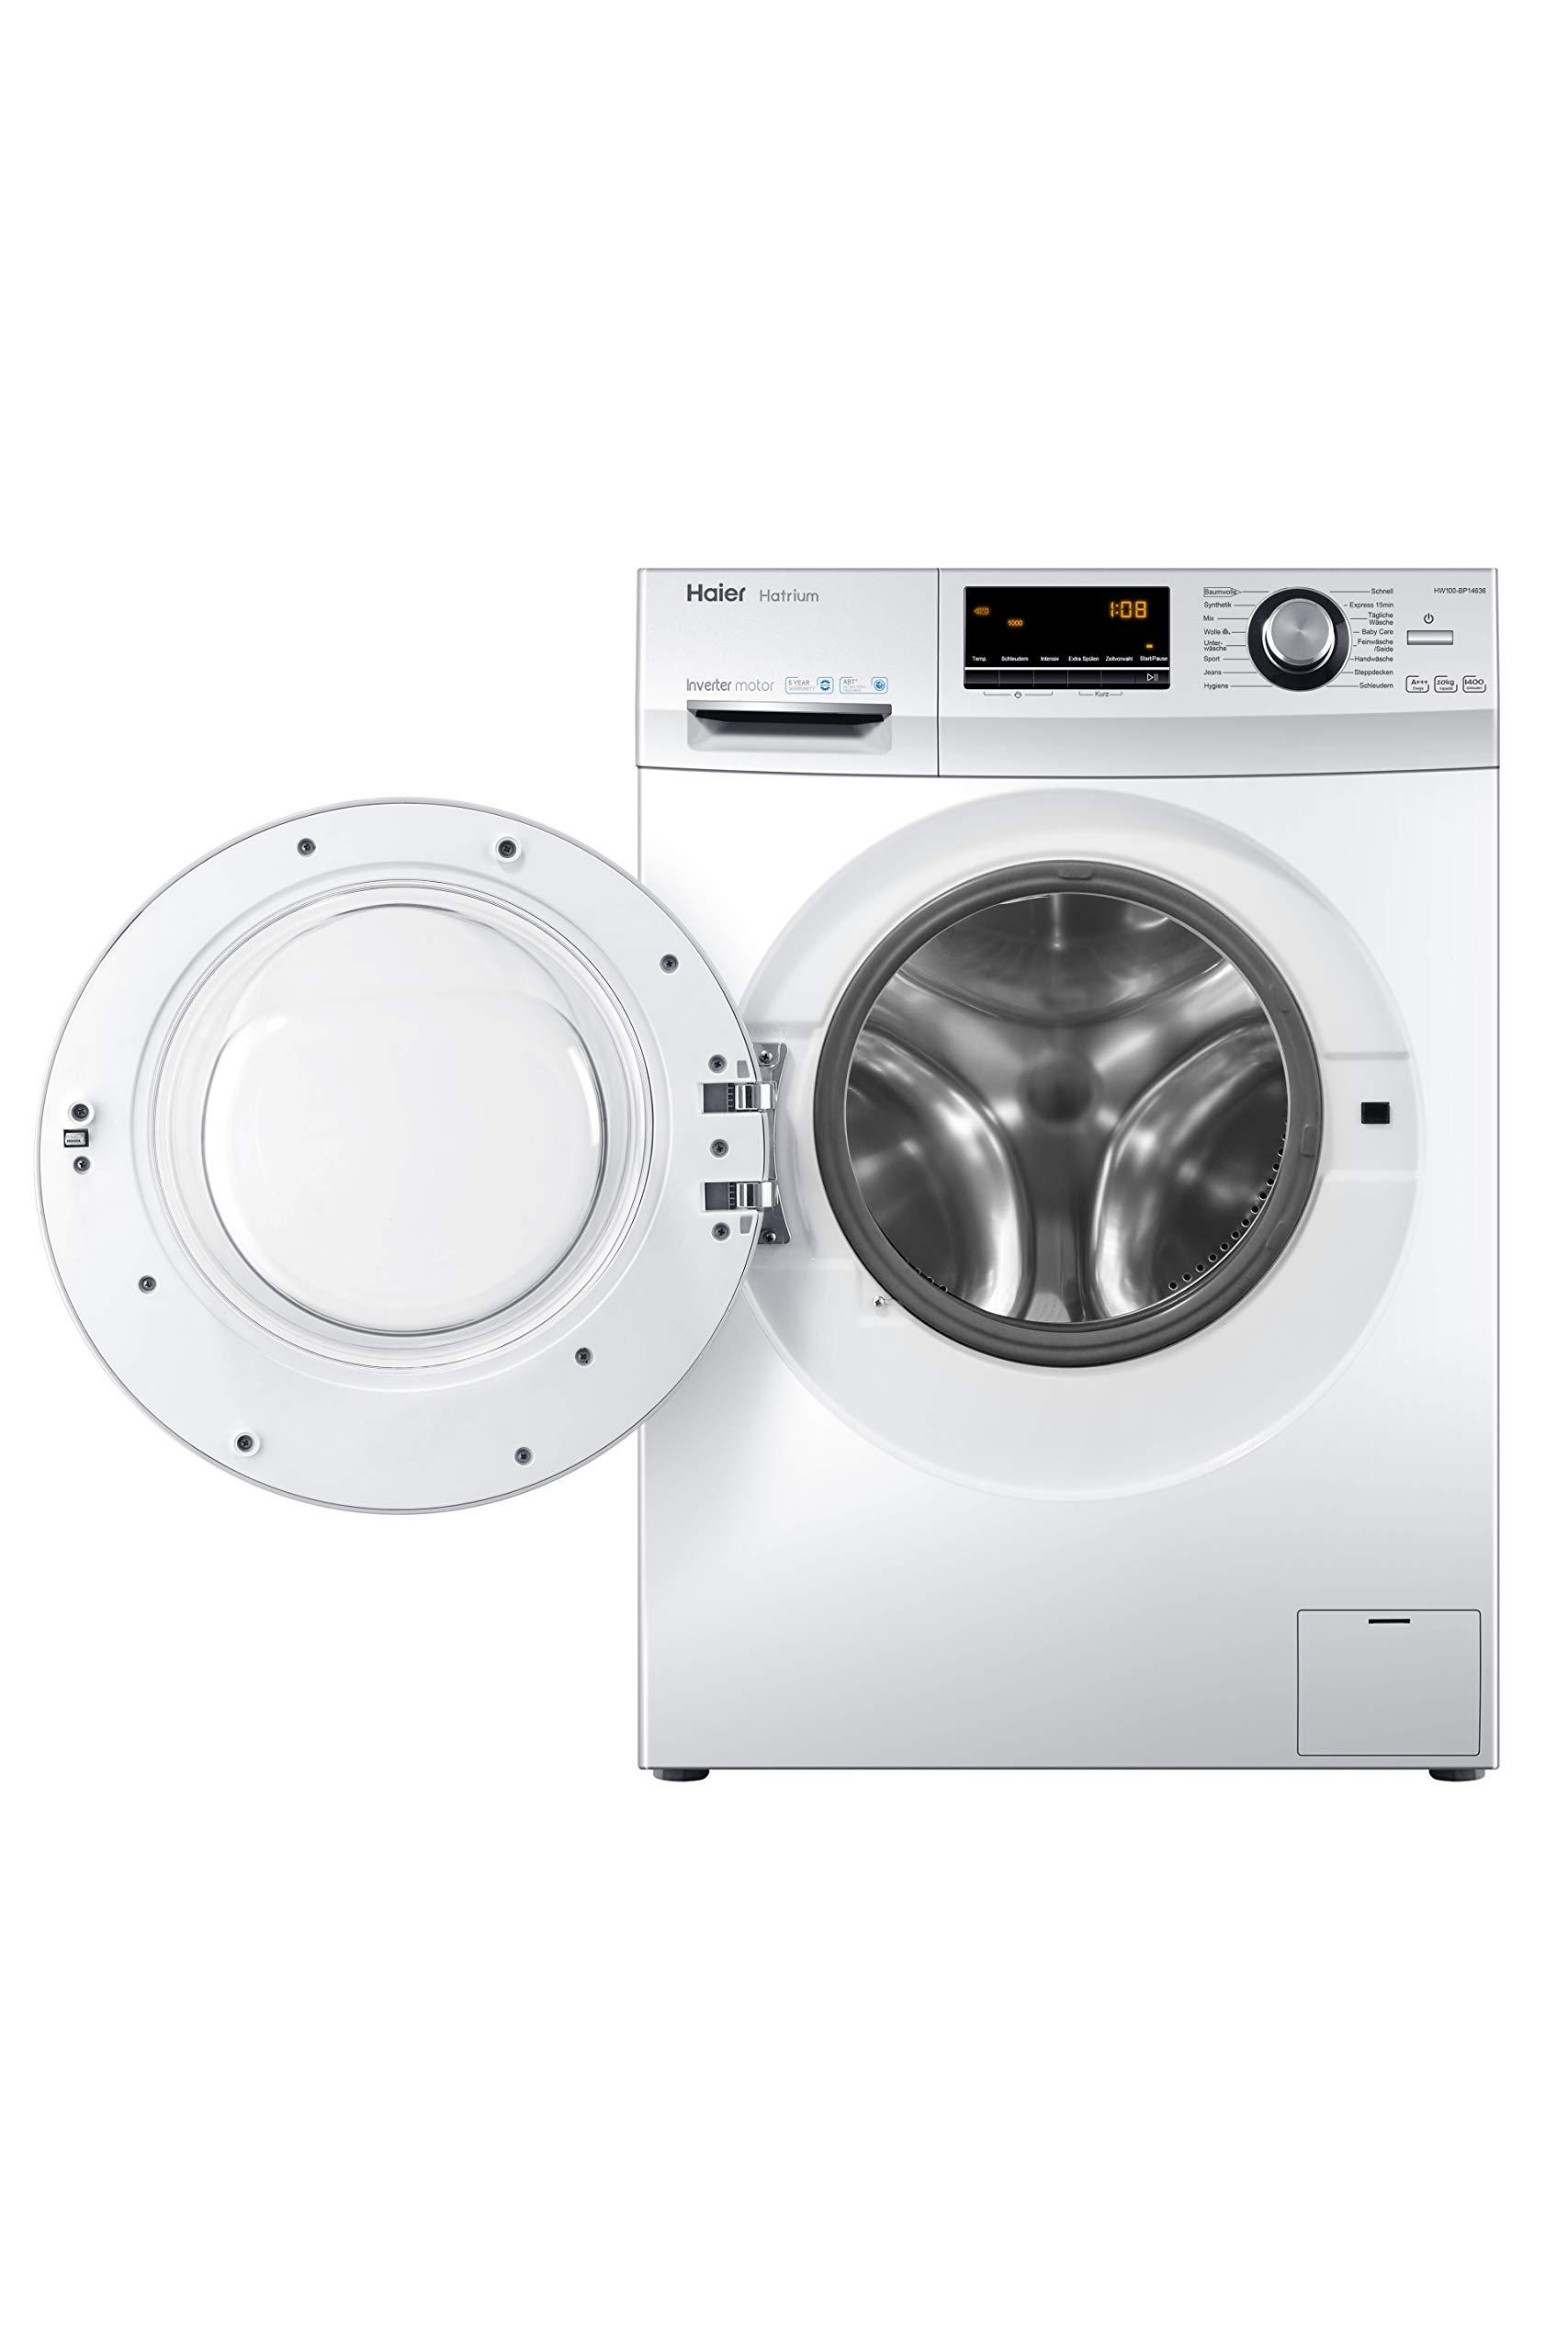 Haier-HW100-BP14636-Waschmaschine-Frontlader-A-10-kg-1400-UpM-Vollwasserschutz-Wei